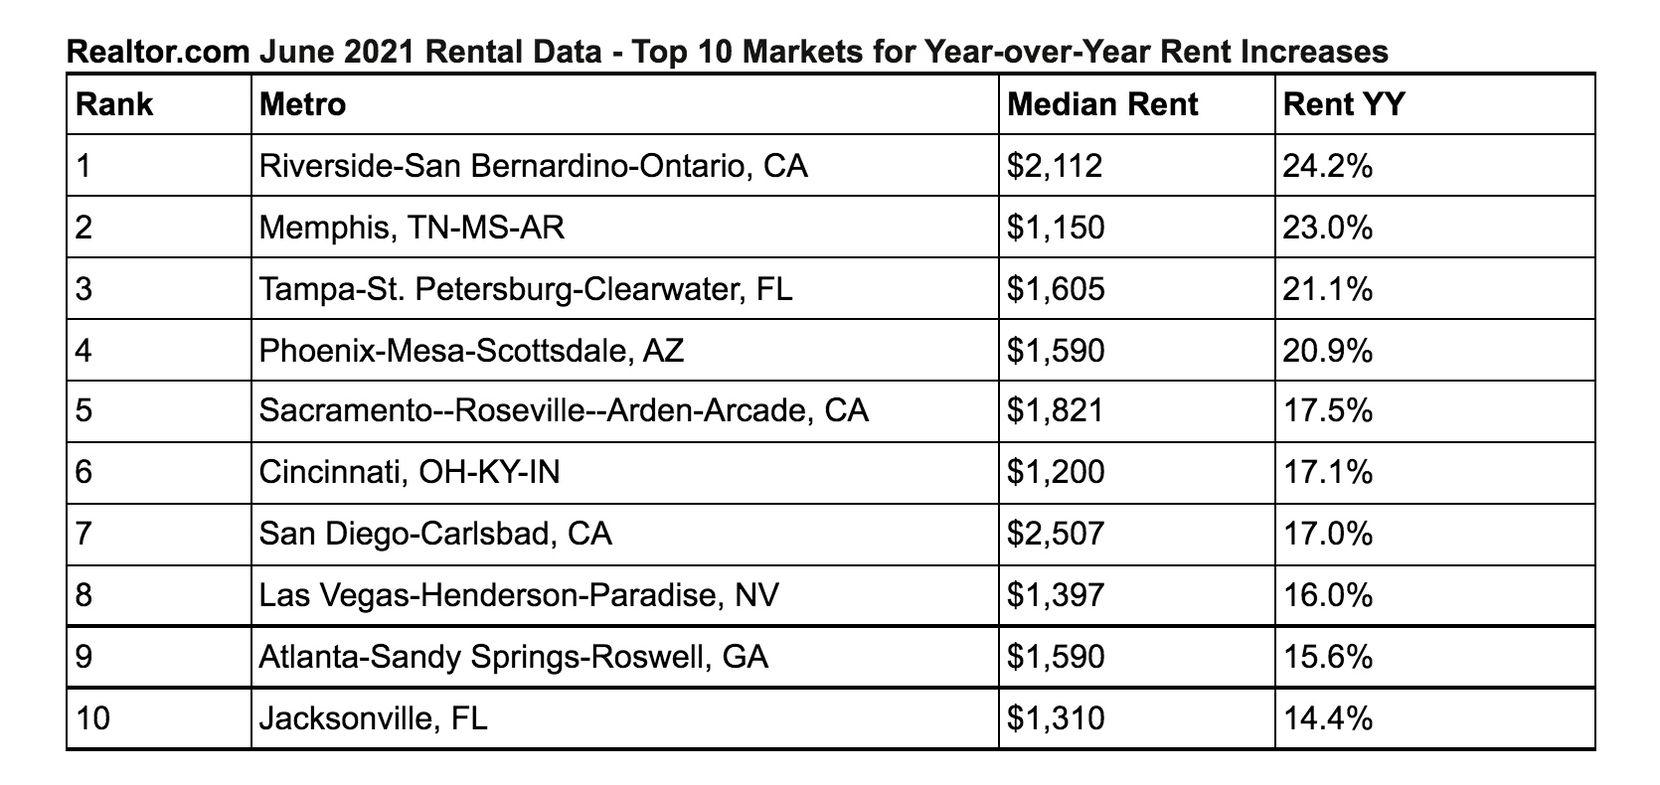 El costo promedio de una casa en renta en DFW era de $1,389 en junio de 2020.